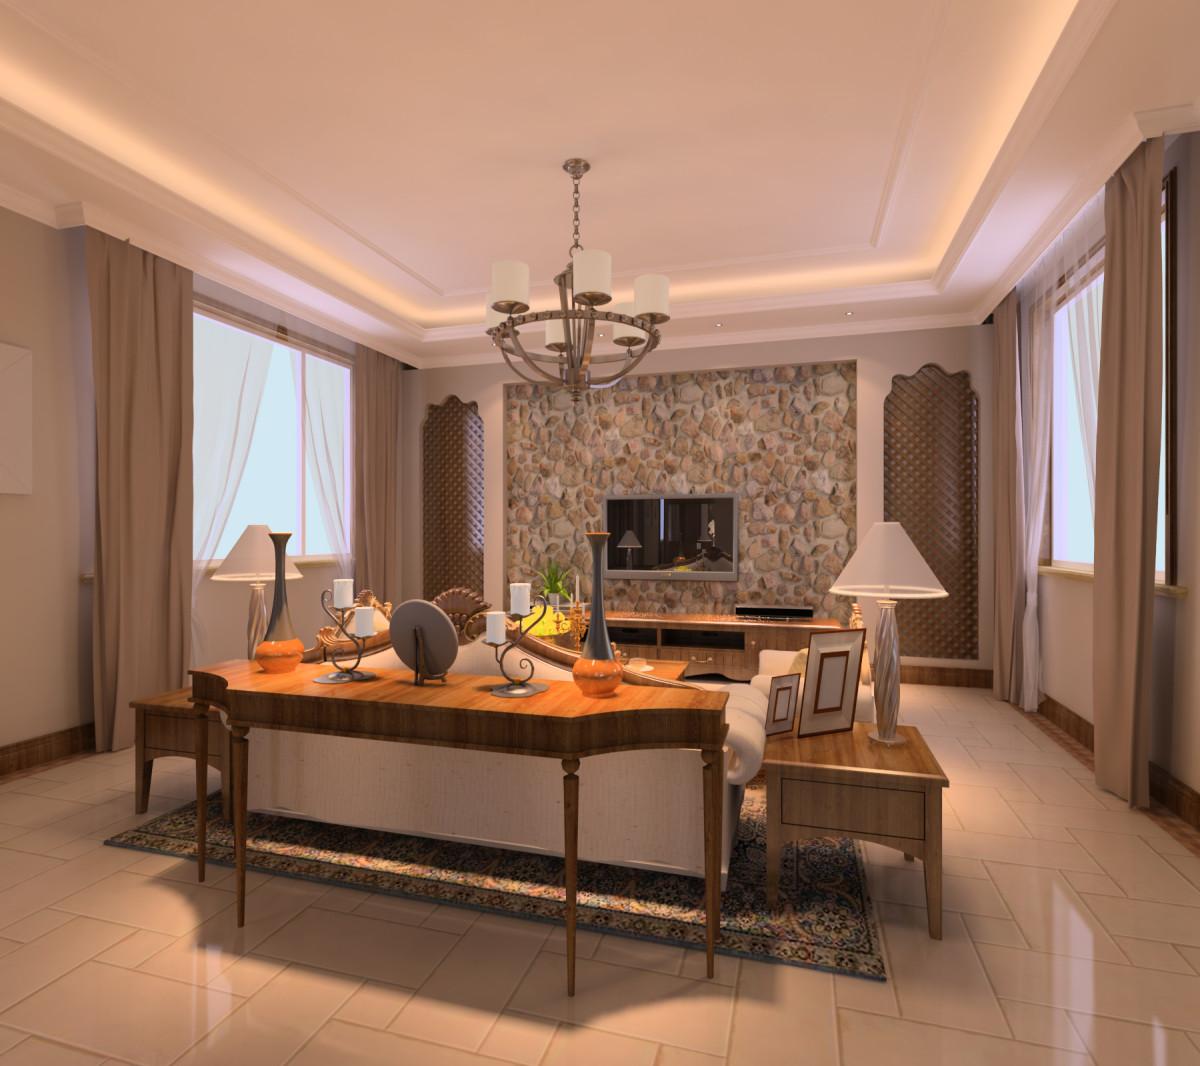 客厅图片来自北京居然元洲装饰小尼在300平米简欧风格`孔雀城的分享